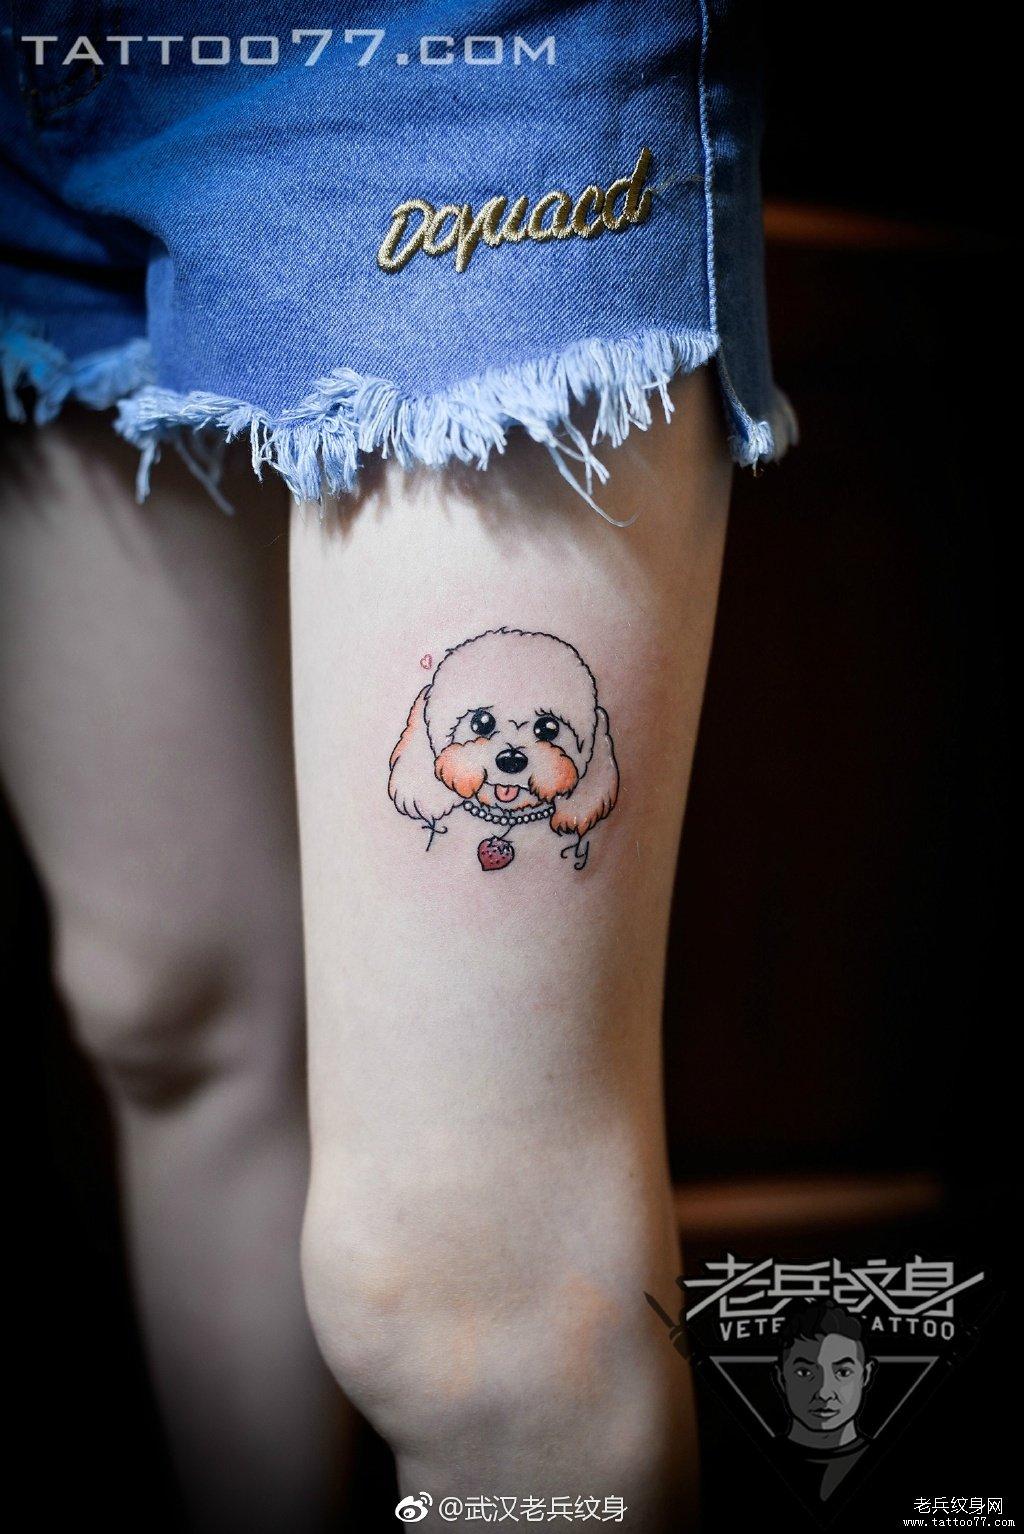 腿部小清新可爱小狗刺青作品